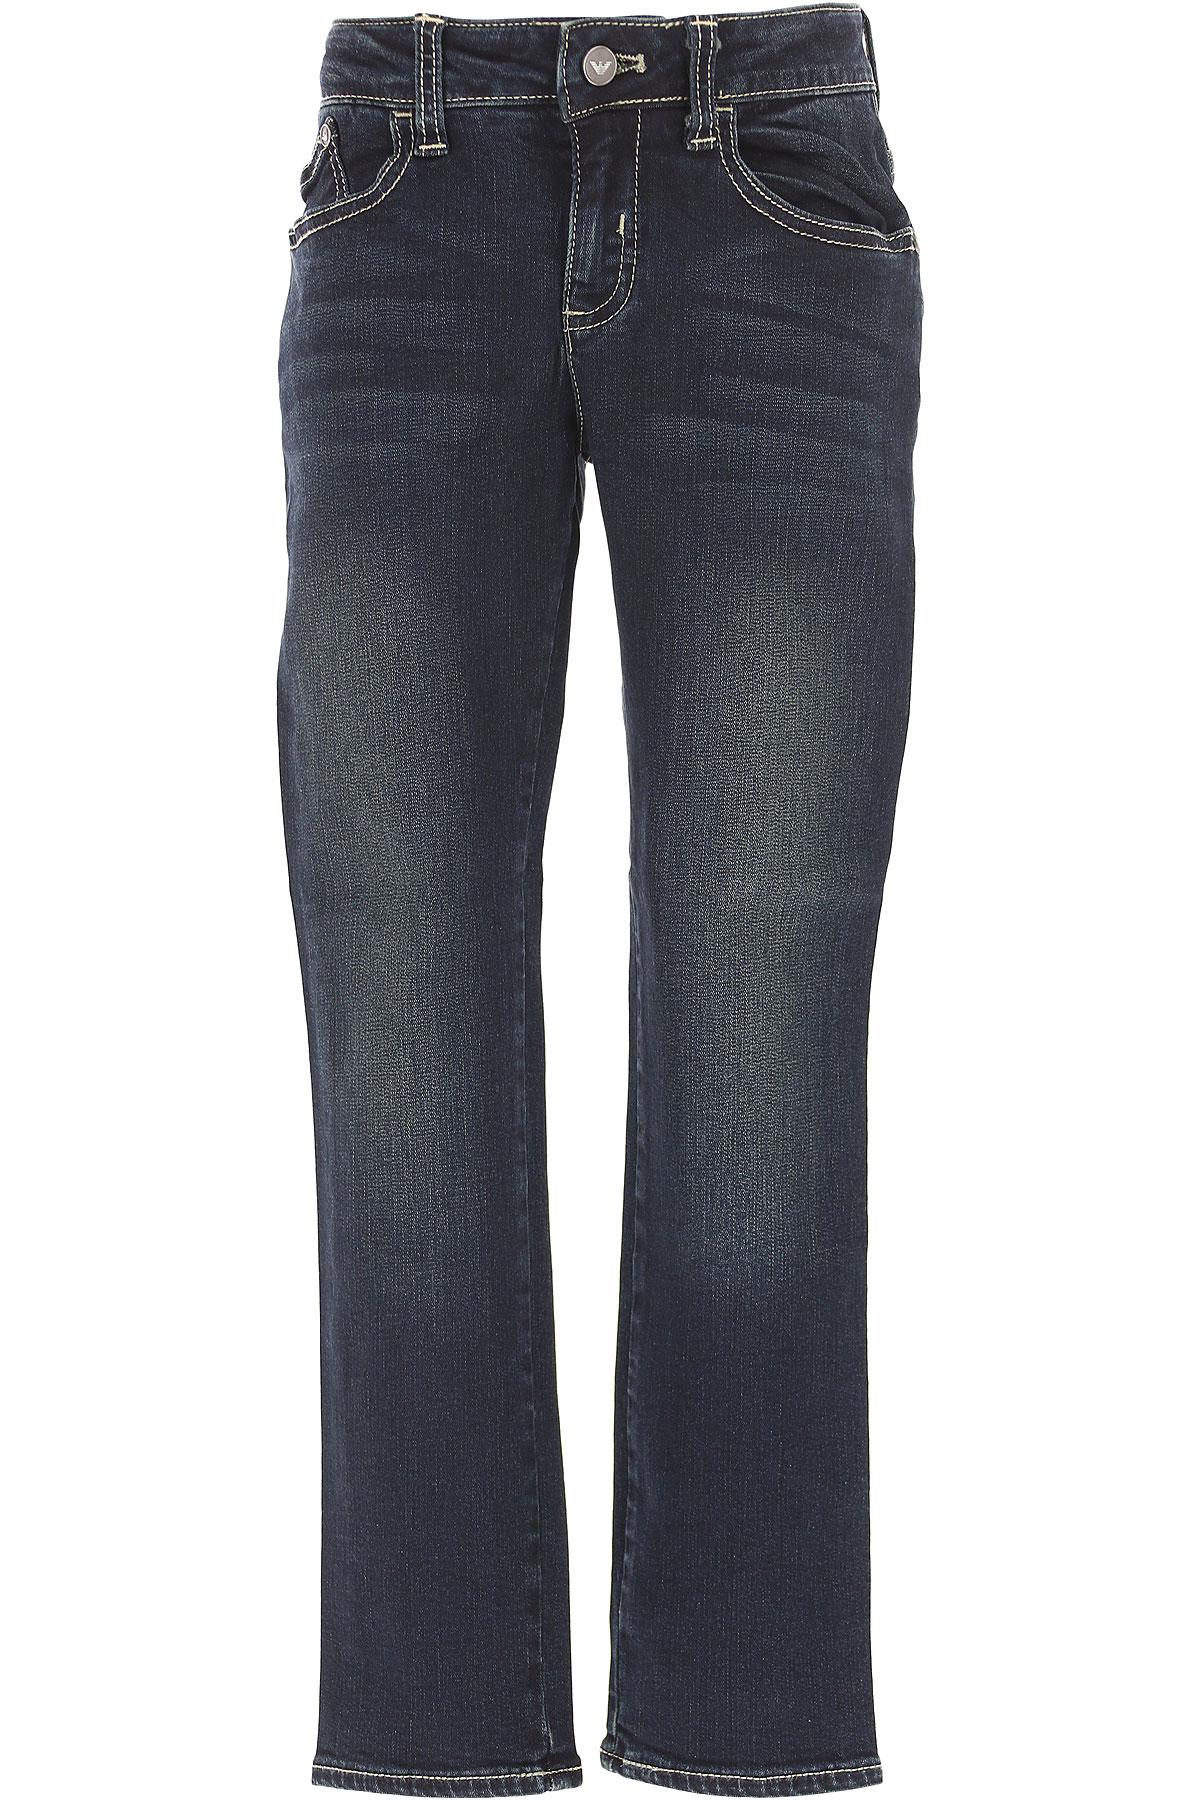 Emporio Armani Kids Jeans for Boys On Sale, Blue Denim, Cotton, 2017, 14Y 4Y 8Y 9Y USA-433198